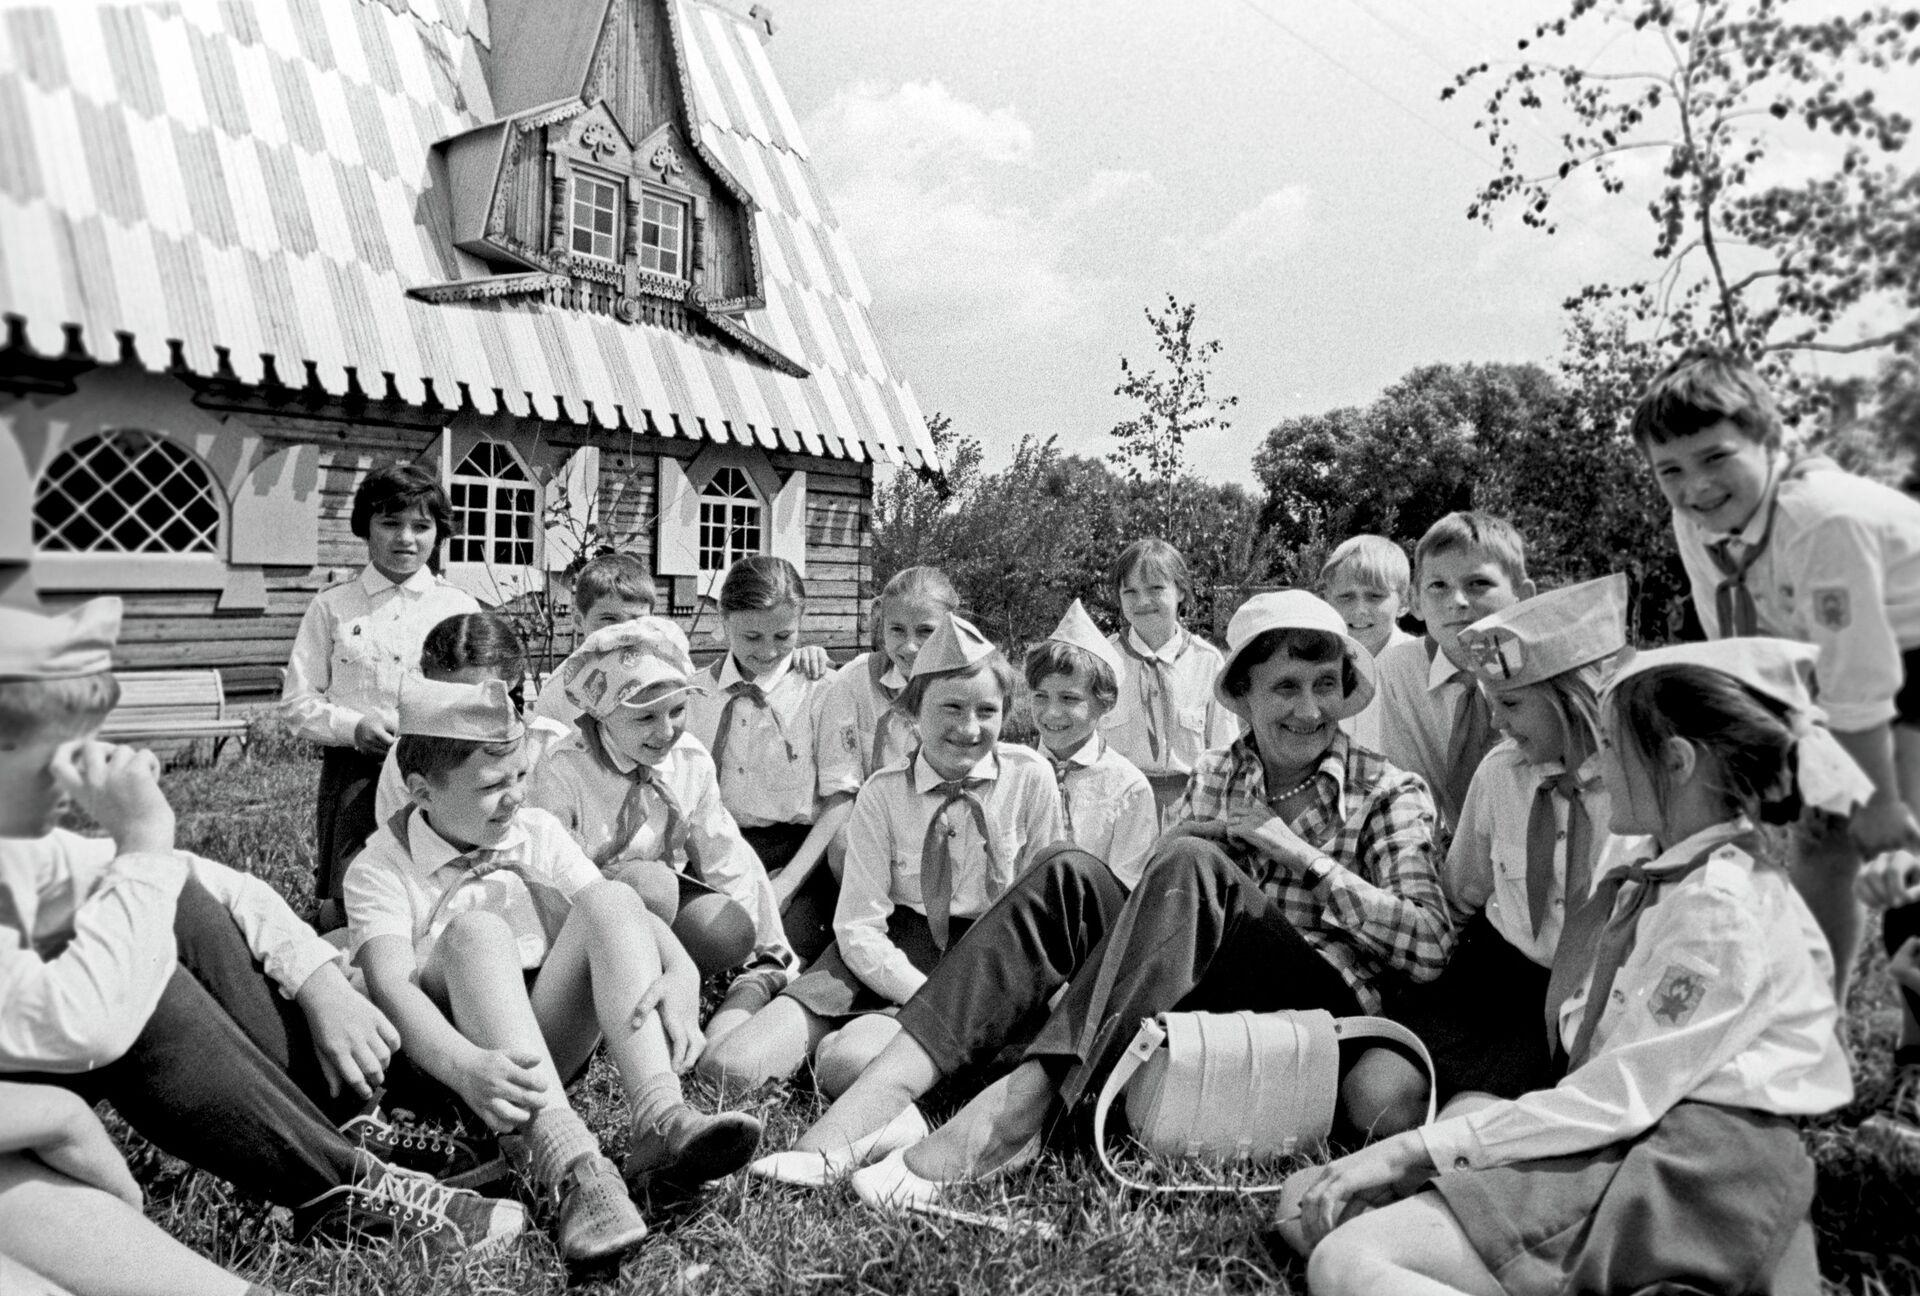 Шведская писательница А.Линдгрен, член жюри конкурса детских фильмов, в подмосковном пионерском лагере - РИА Новости, 1920, 12.01.2021